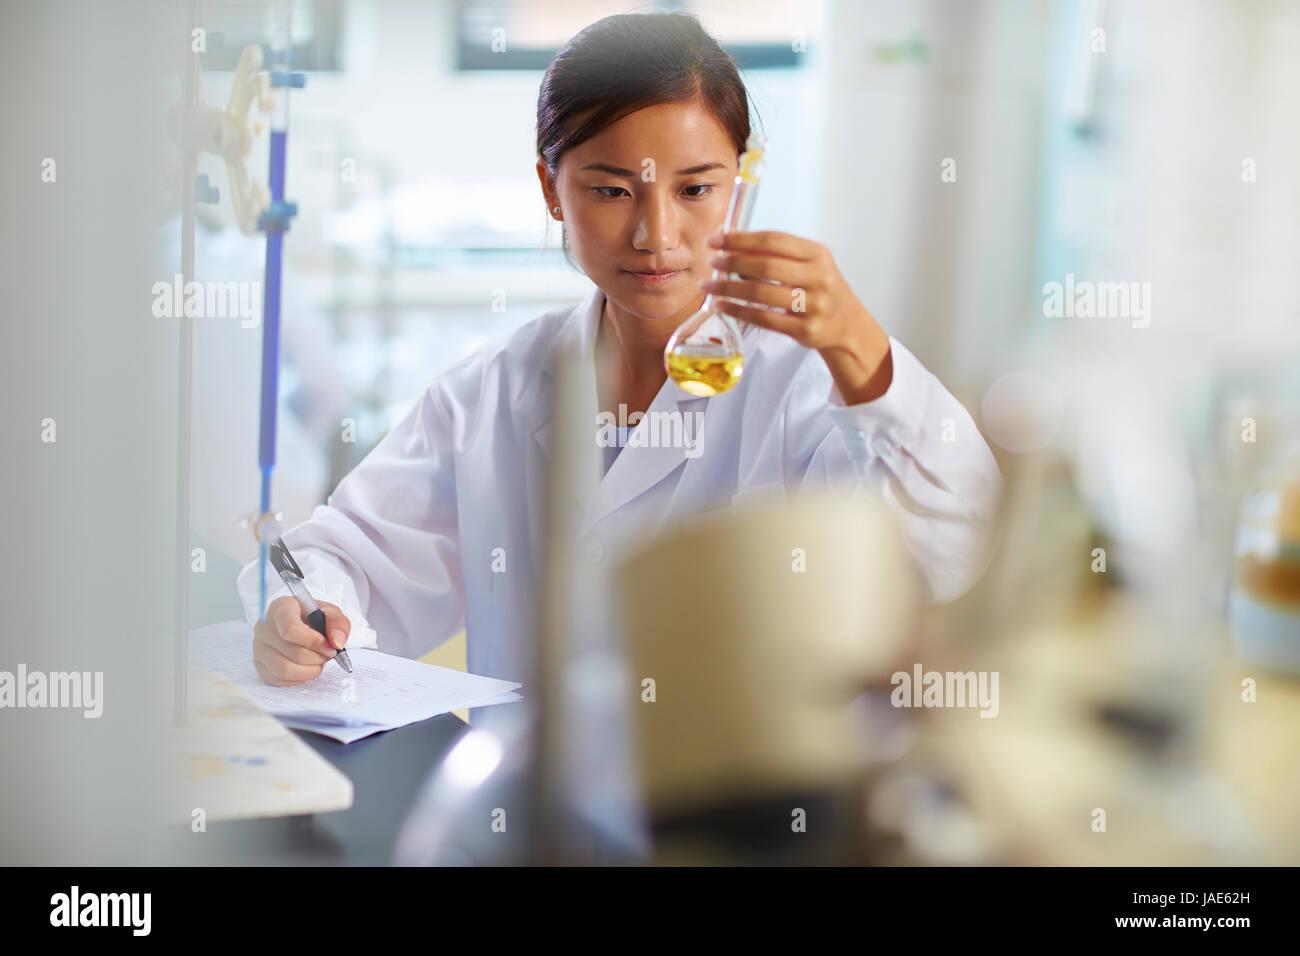 Une femme chercheur en laboratoire chinois travaillant au laboratoire avec des tubes à essai Photo Stock